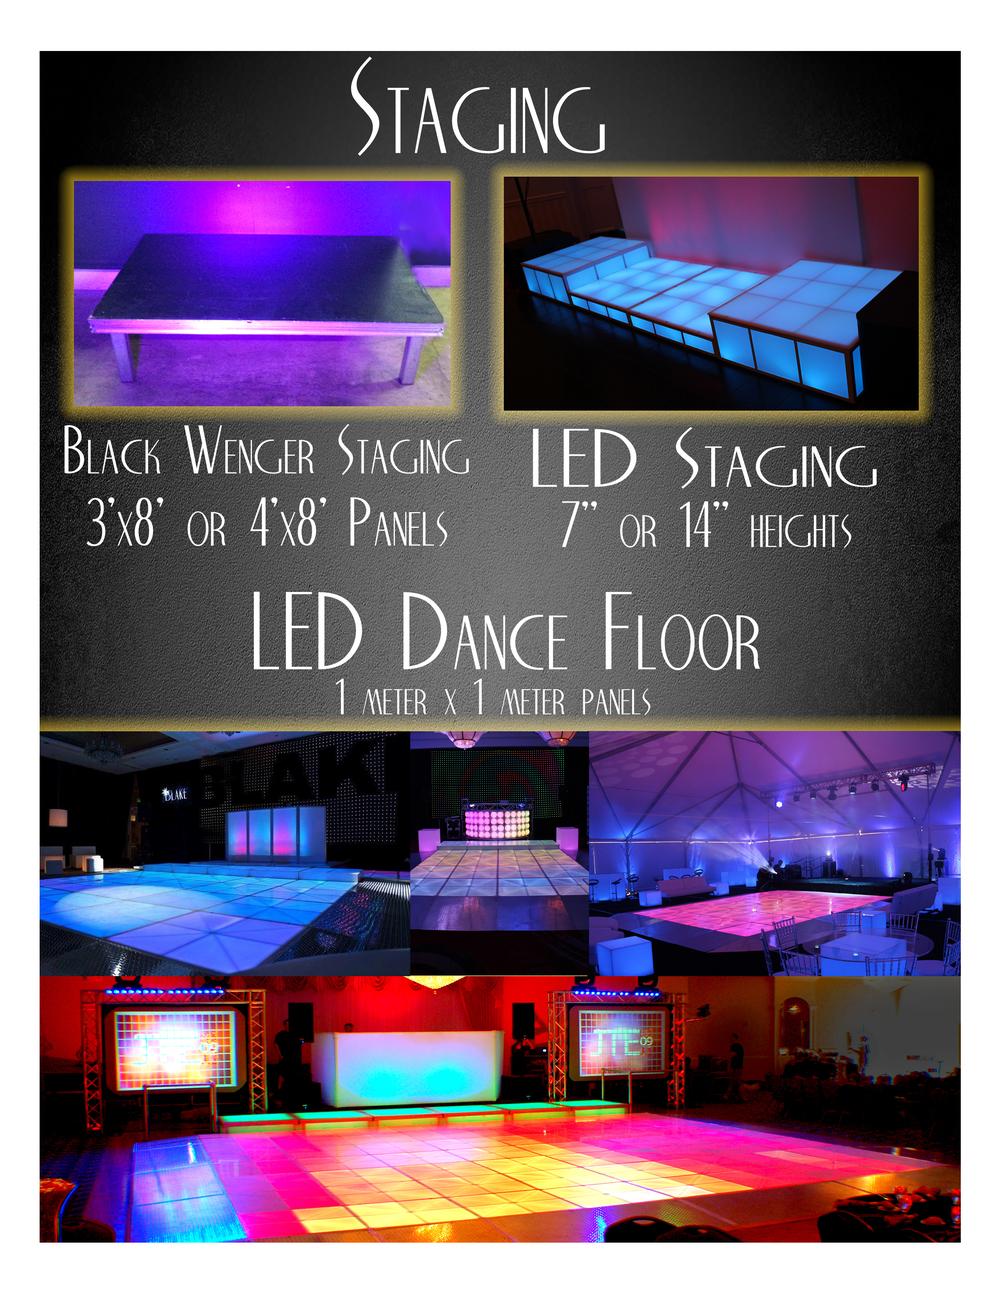 P6_Staging & LED Dance Floor.jpg